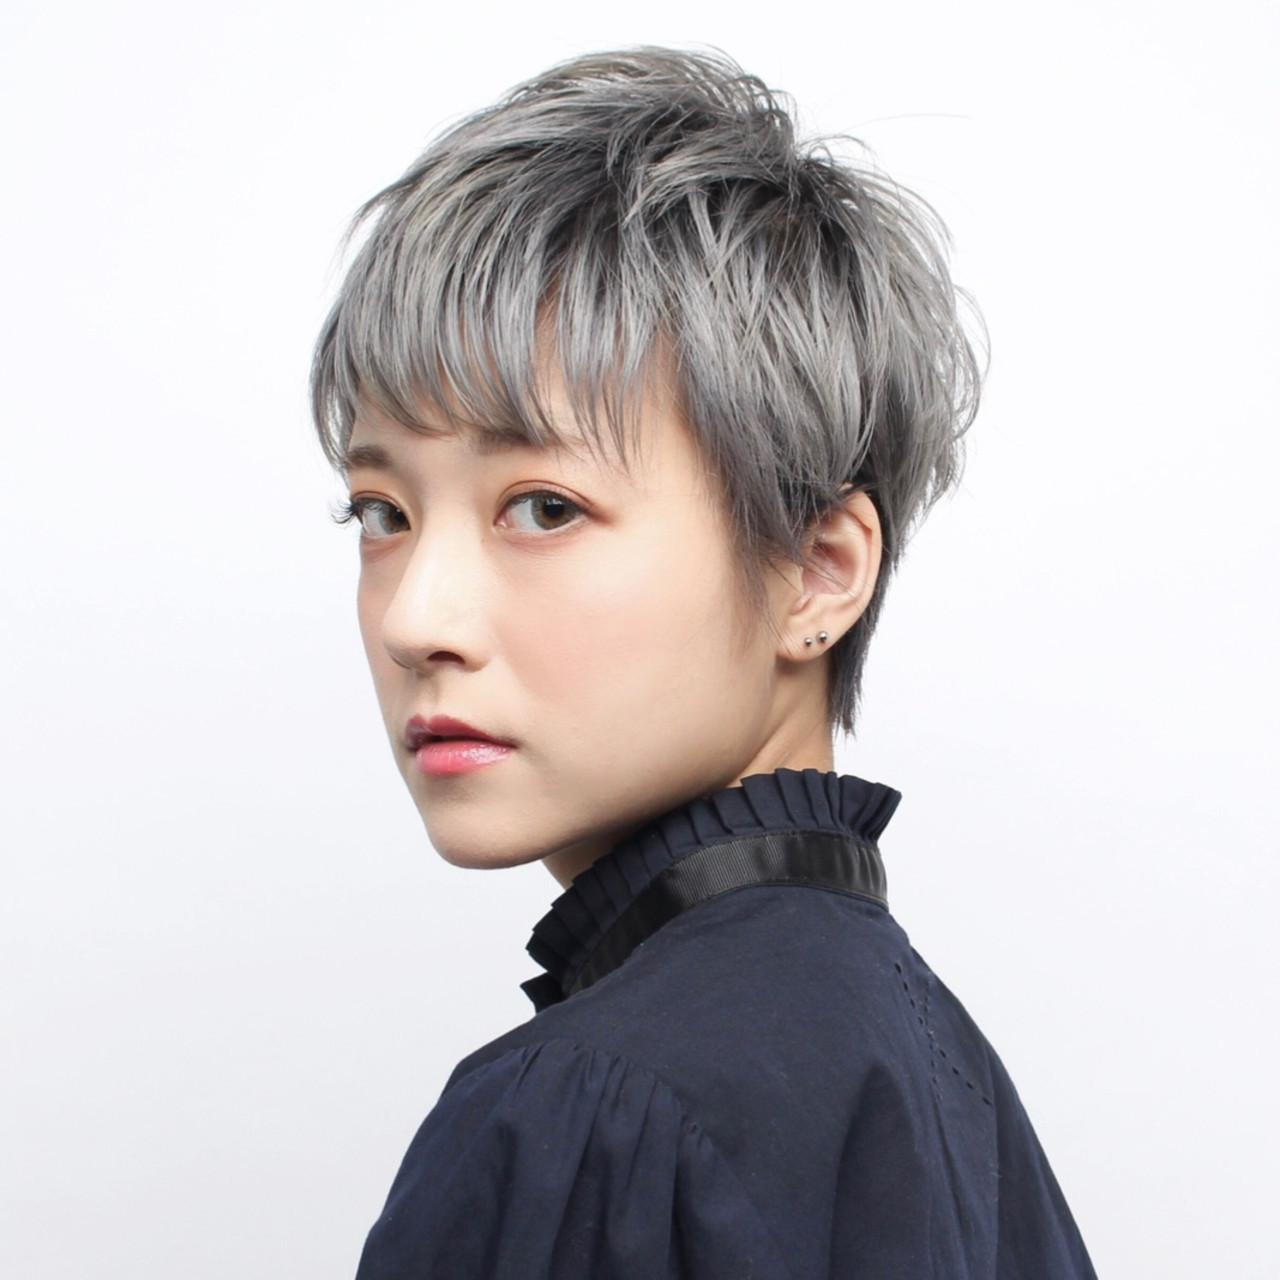 簡単ヘアアレンジ イメチェン ショート 大人ショート ヘアスタイルや髪型の写真・画像